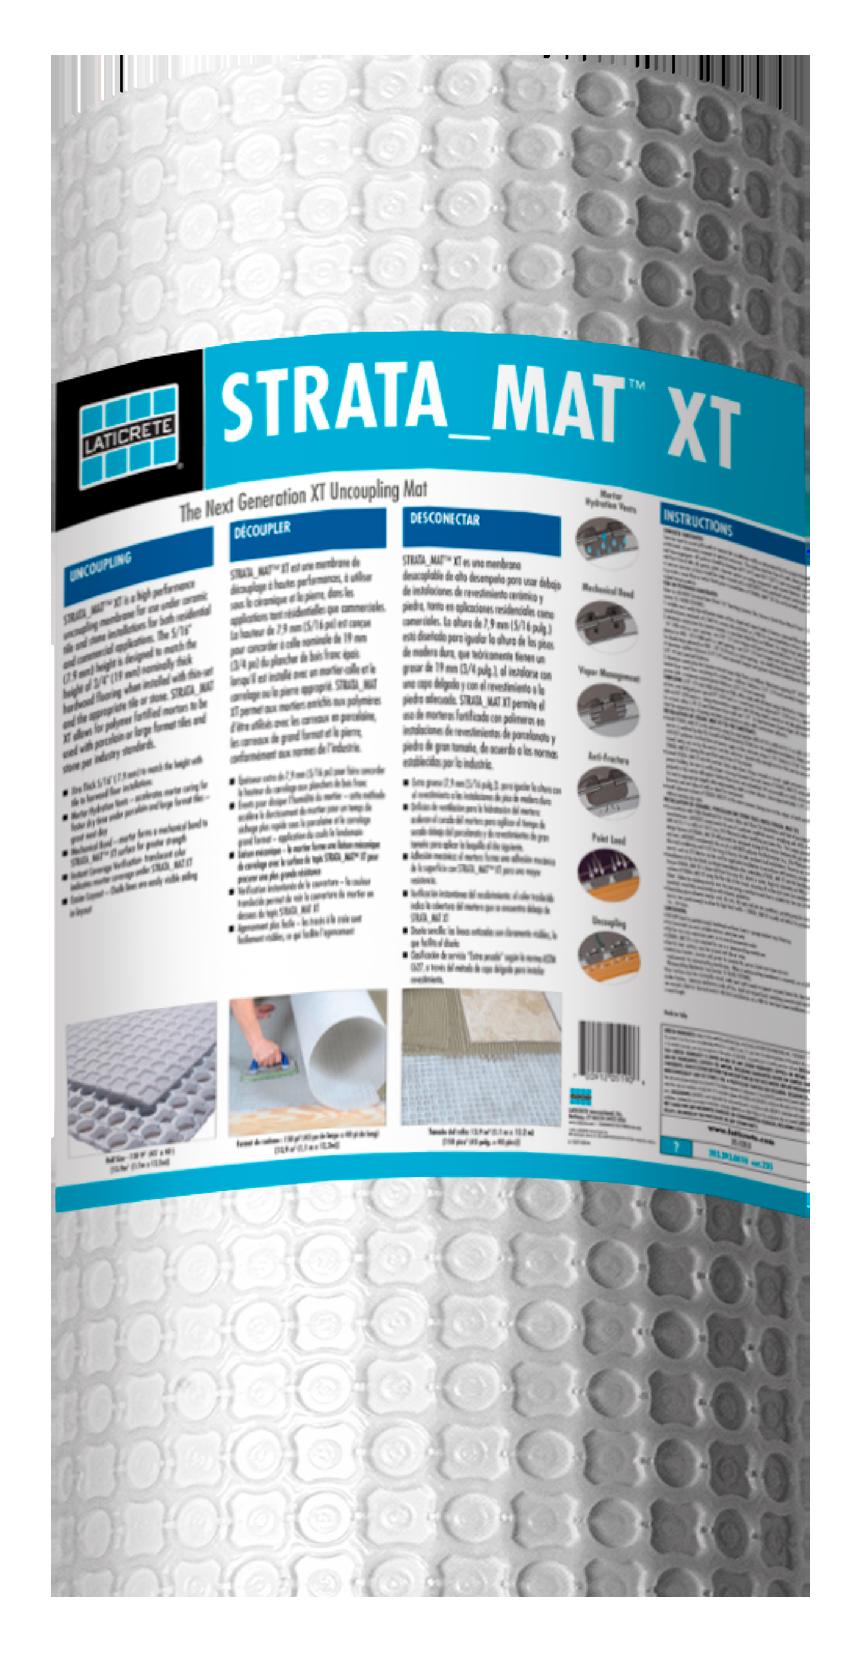 STRATA_MAT™ XT